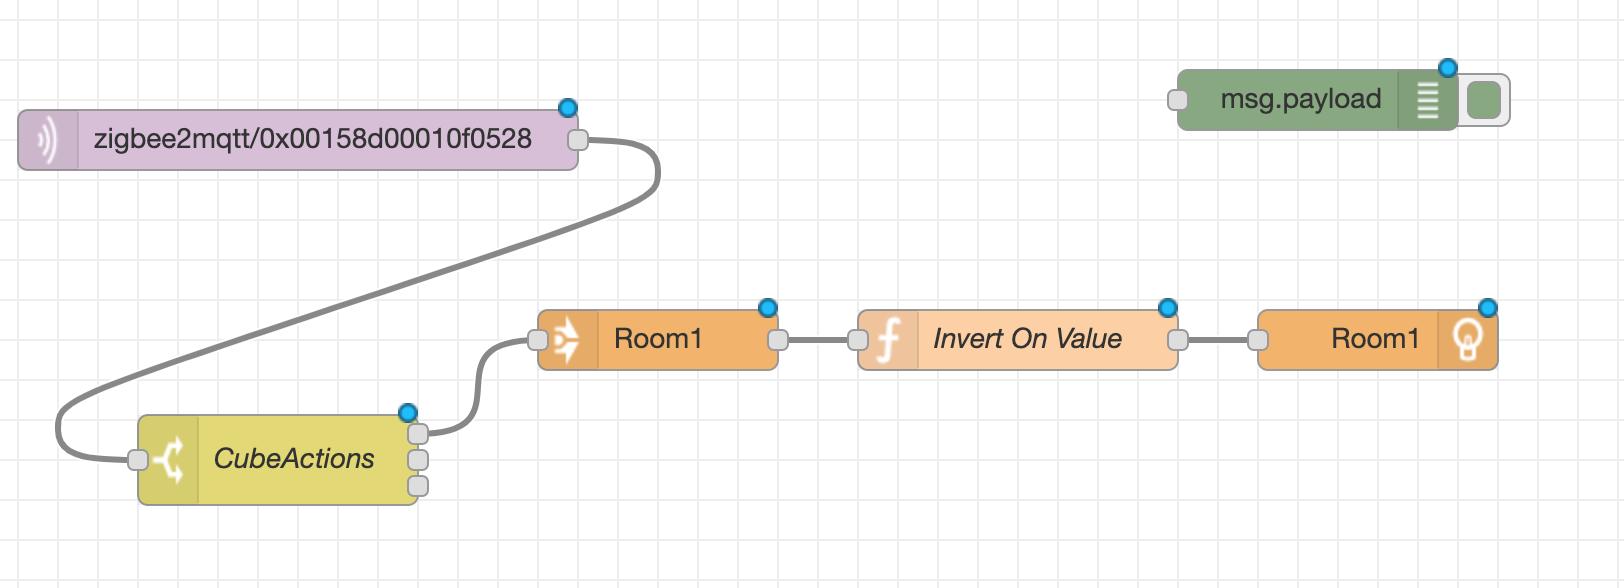 Автоматизация homebridge с помощью Node-Red - 4